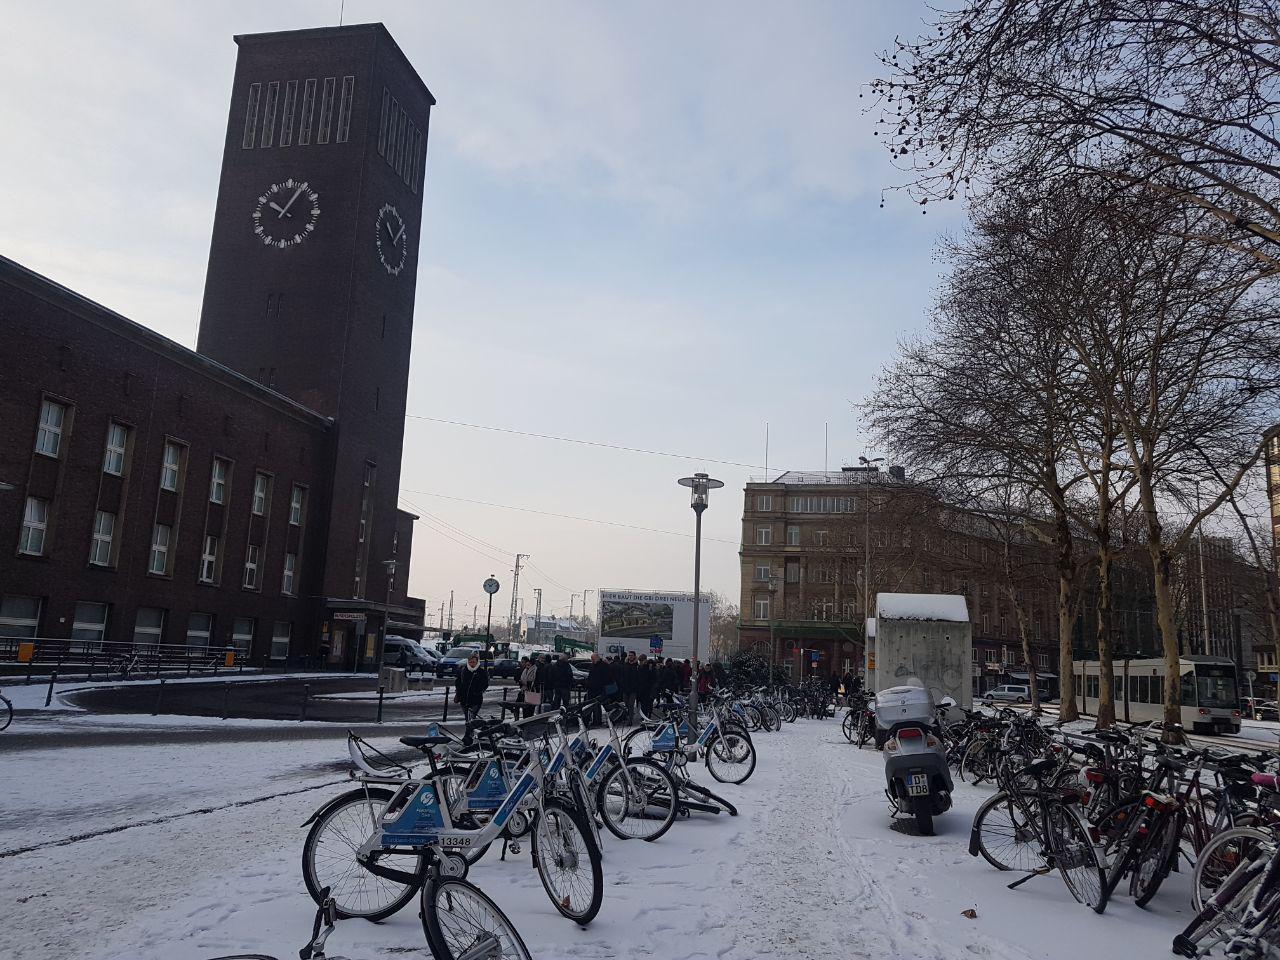 Здание главного железнодорожного вокзала, Дюссельдорф, Германия. Январь, 2019